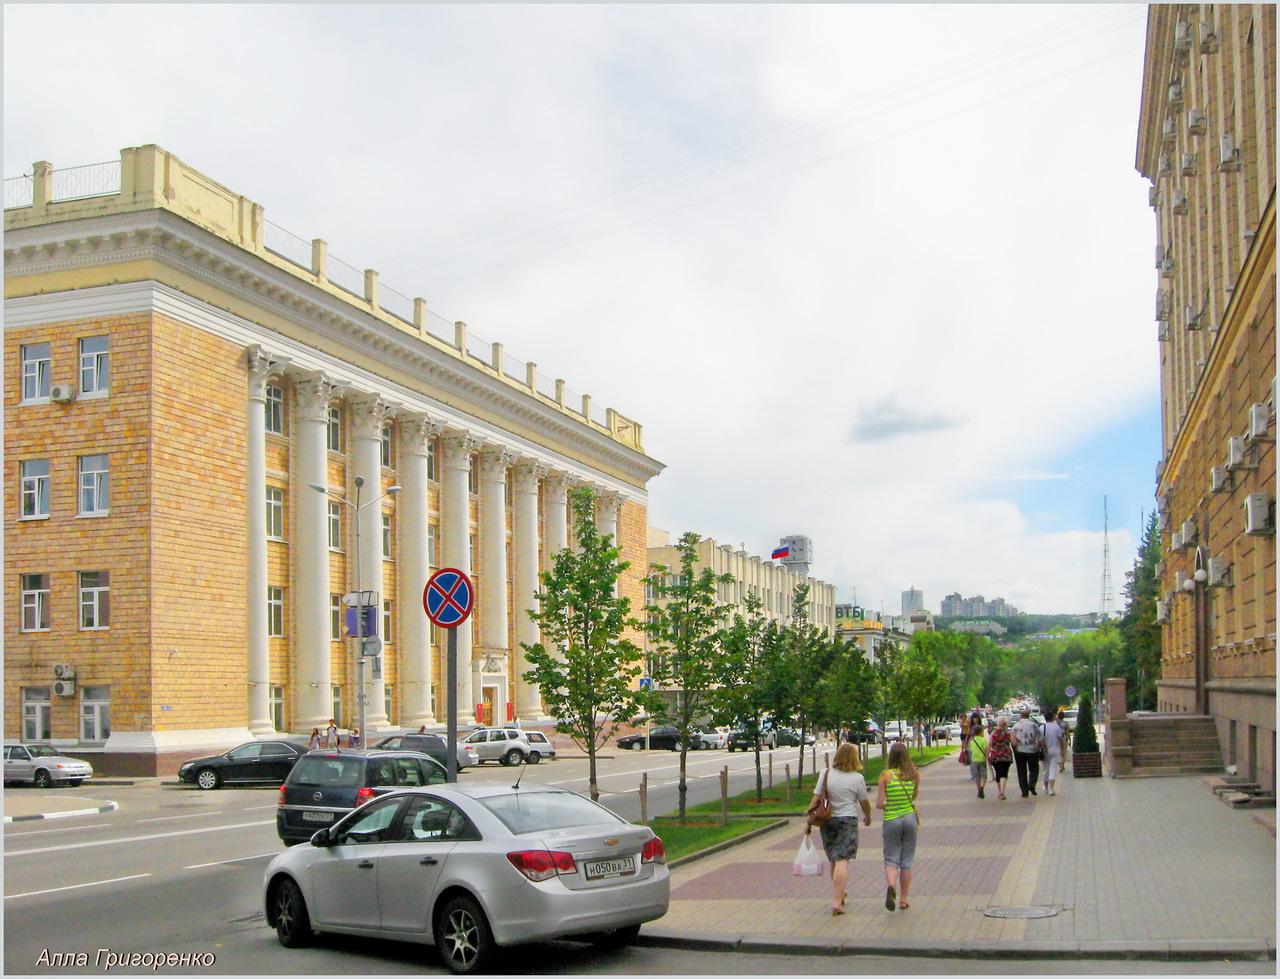 Белгород.jpg1